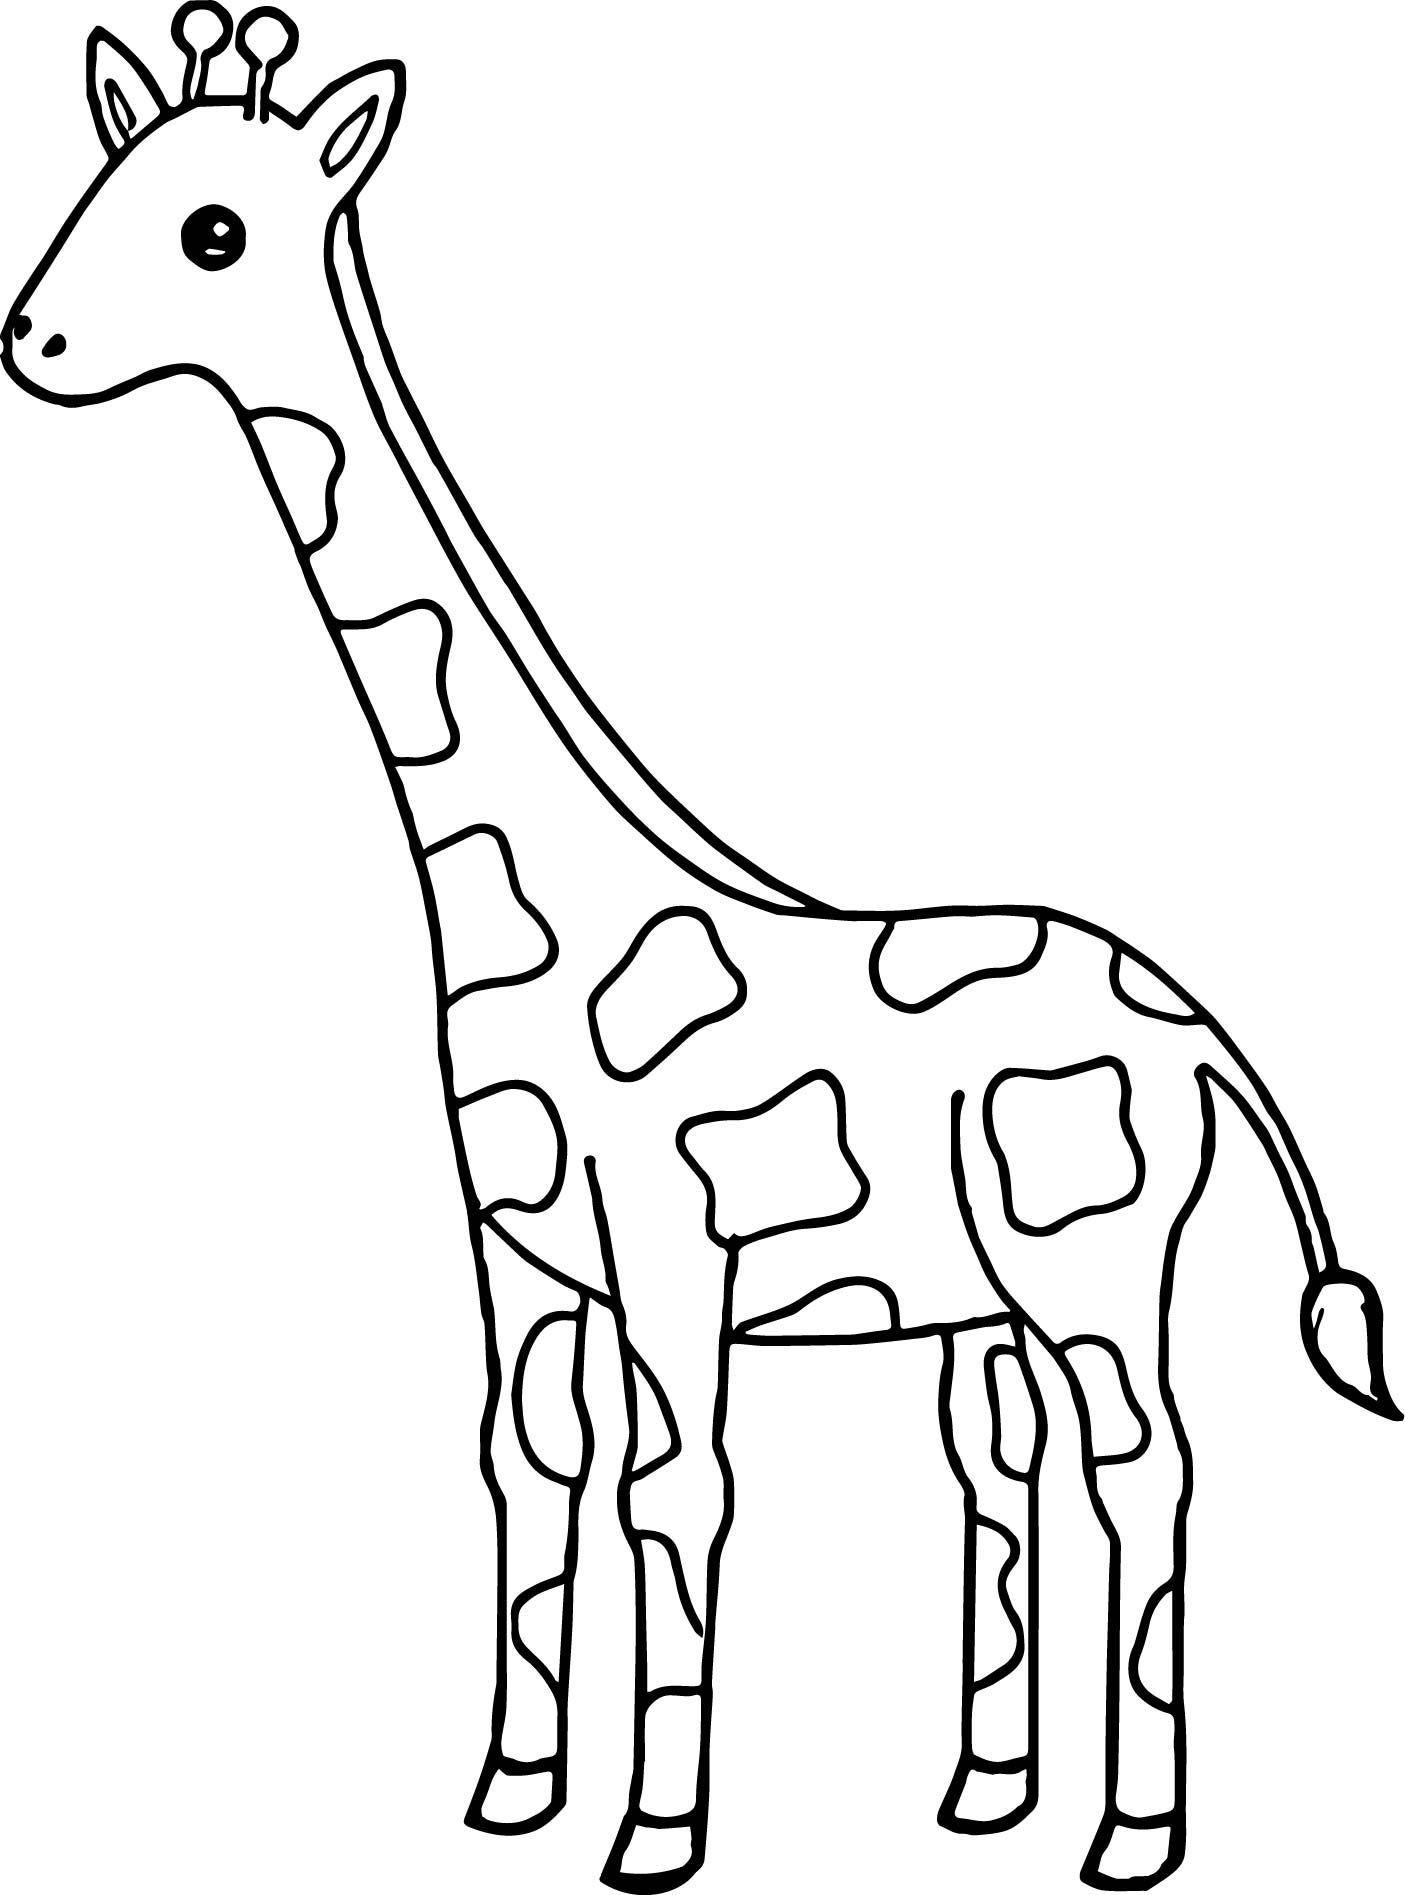 Ausmalbilder Tiere Giraffe Ausmalbilder Tiere Giraffenzeichnung Malvorlagen Fur Kinder